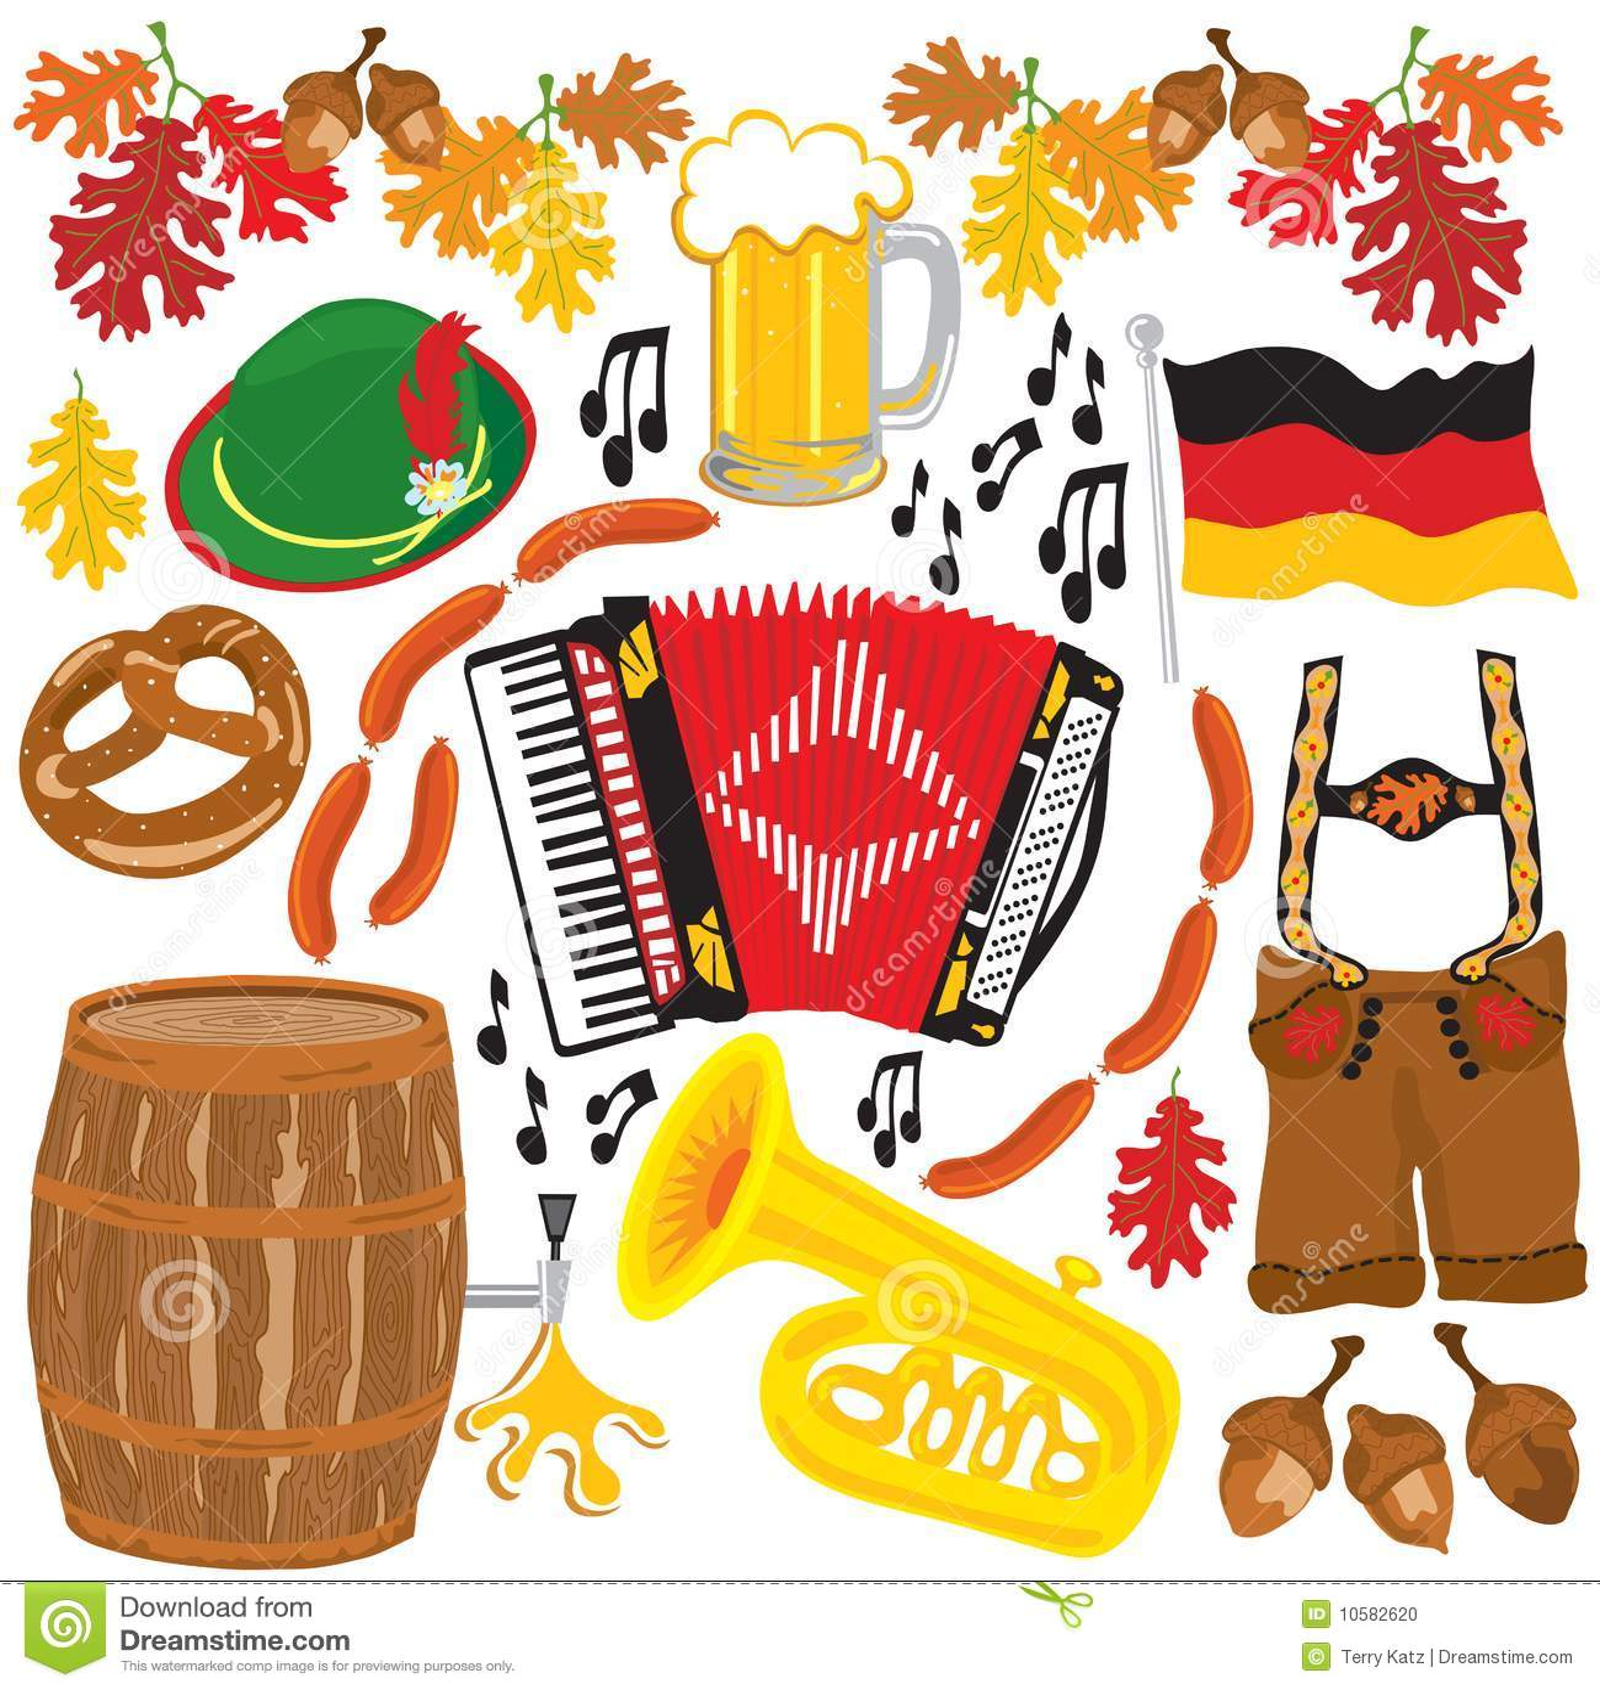 Clip Art Oktoberfest Clipart oktoberfest stock illustrations 8167 party clipart elements photo